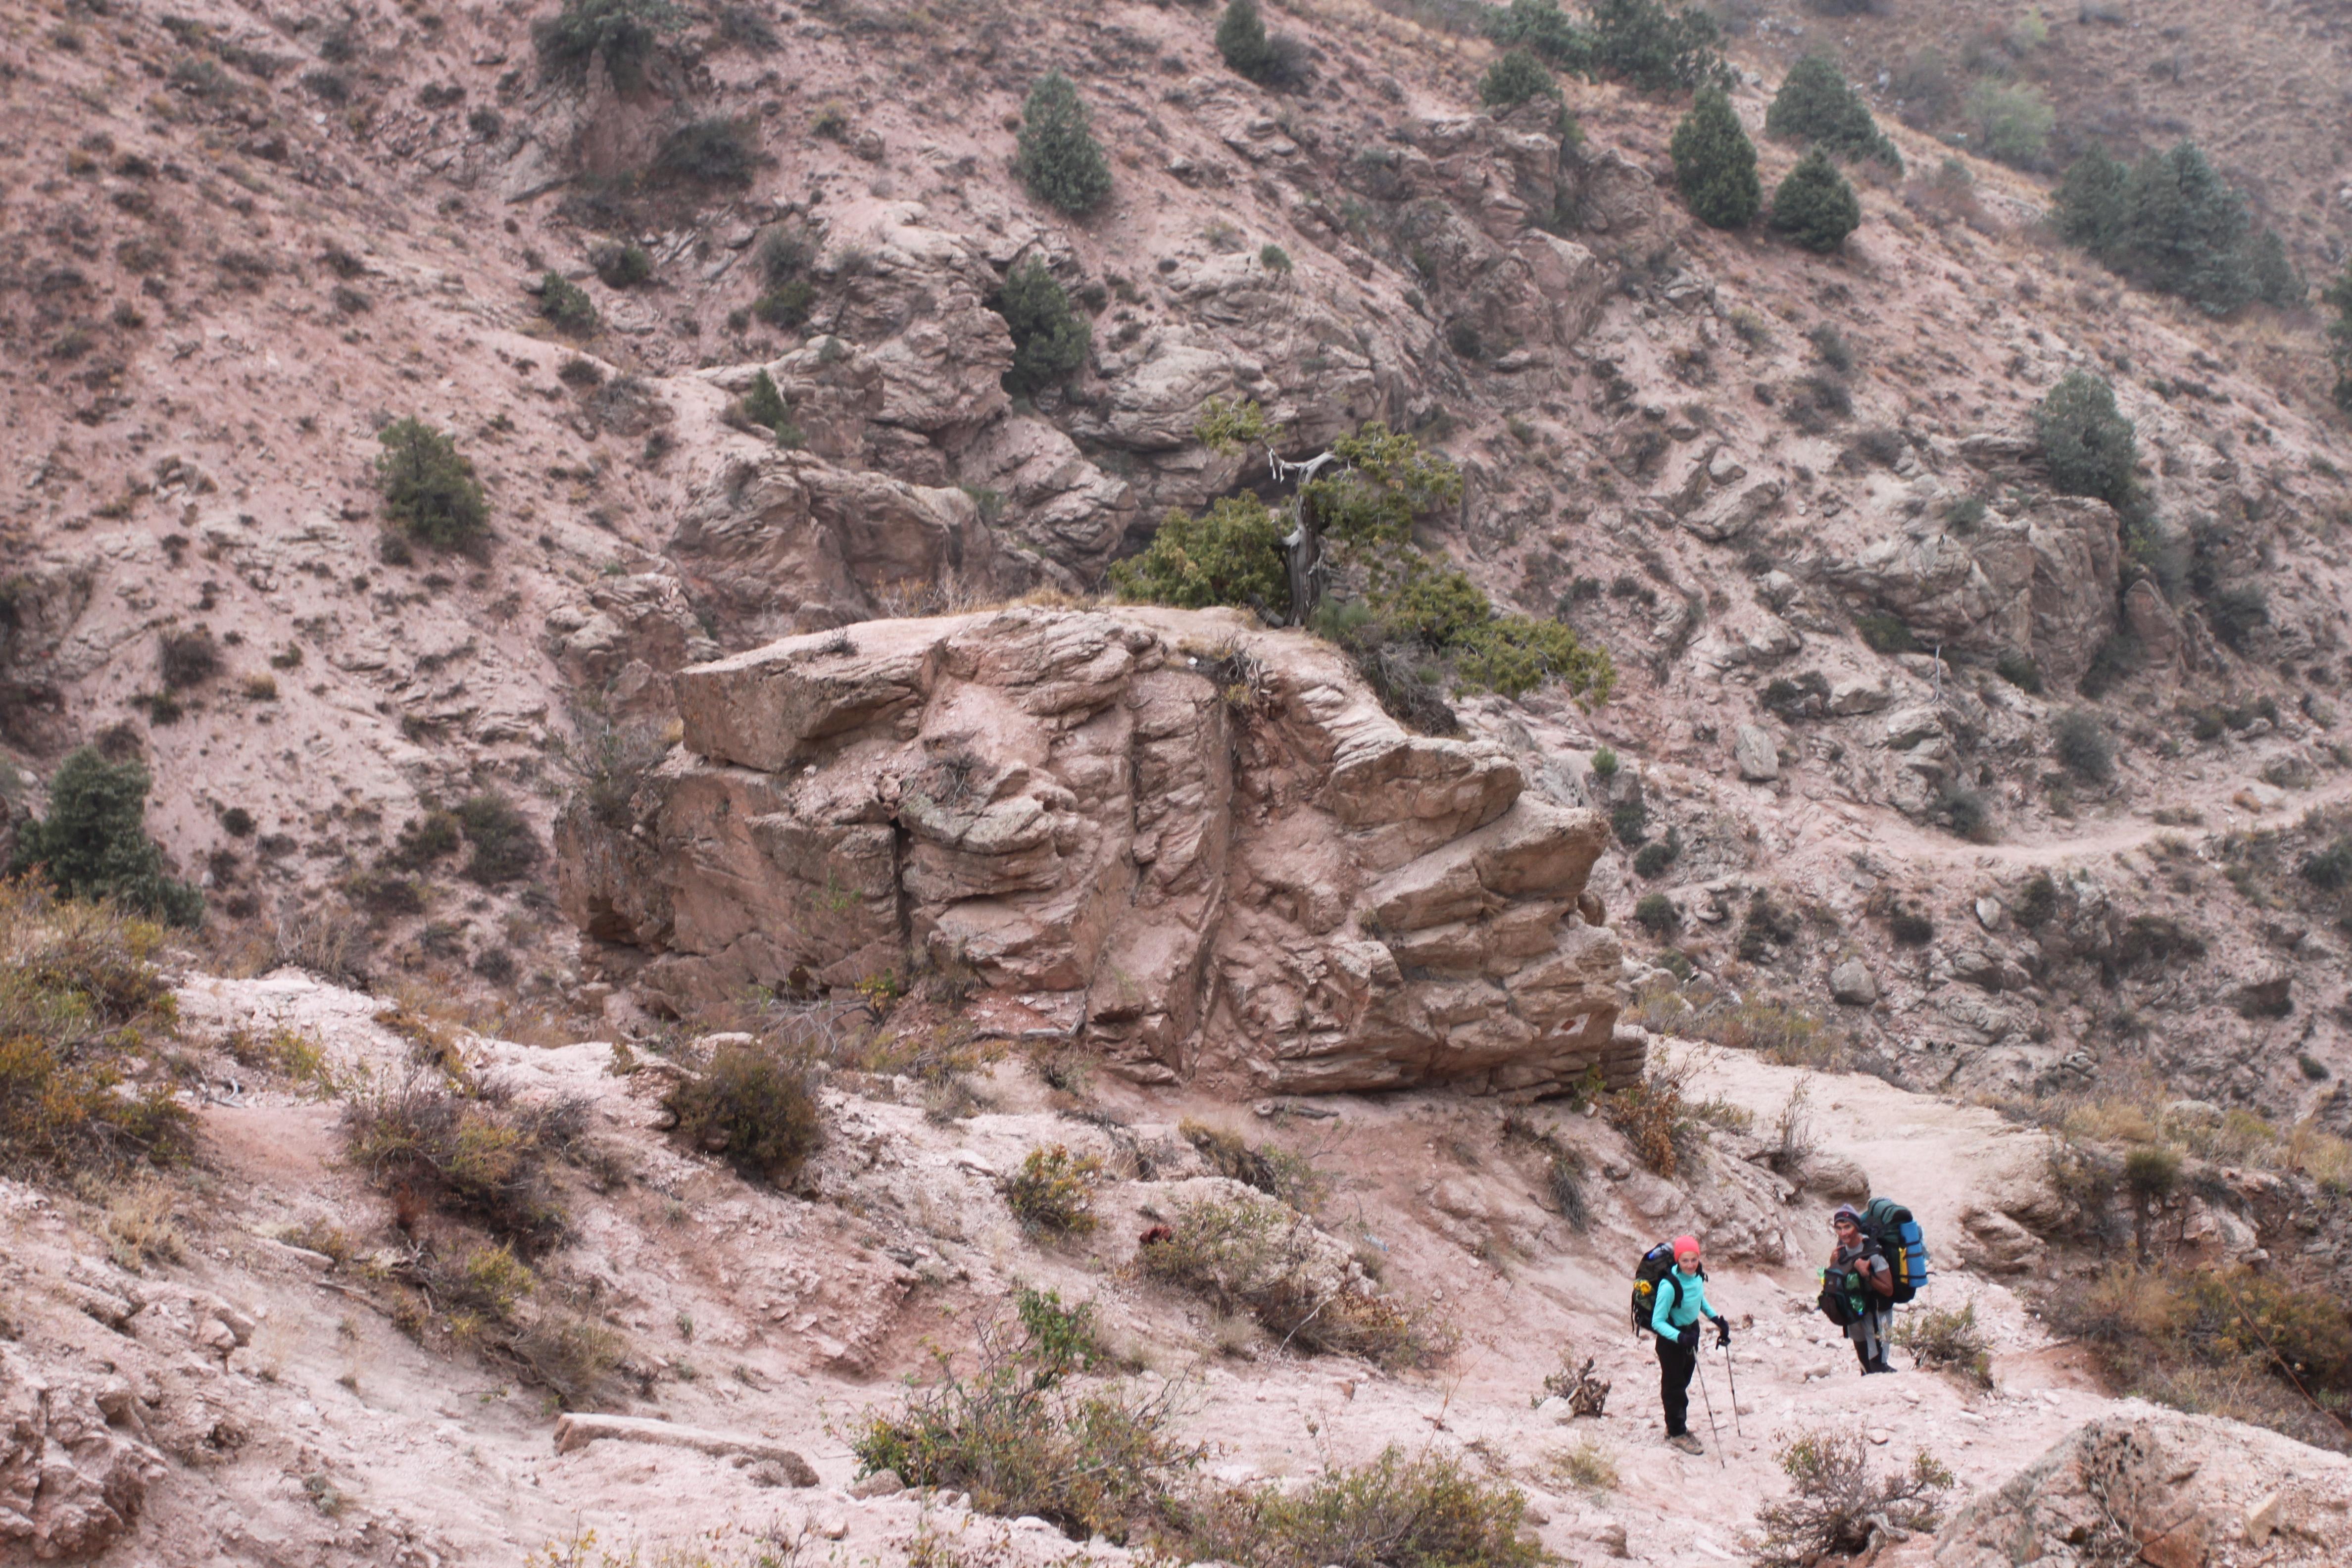 Полевые геоморфологические работы в Западном Тянь-Шане, Узбекистан